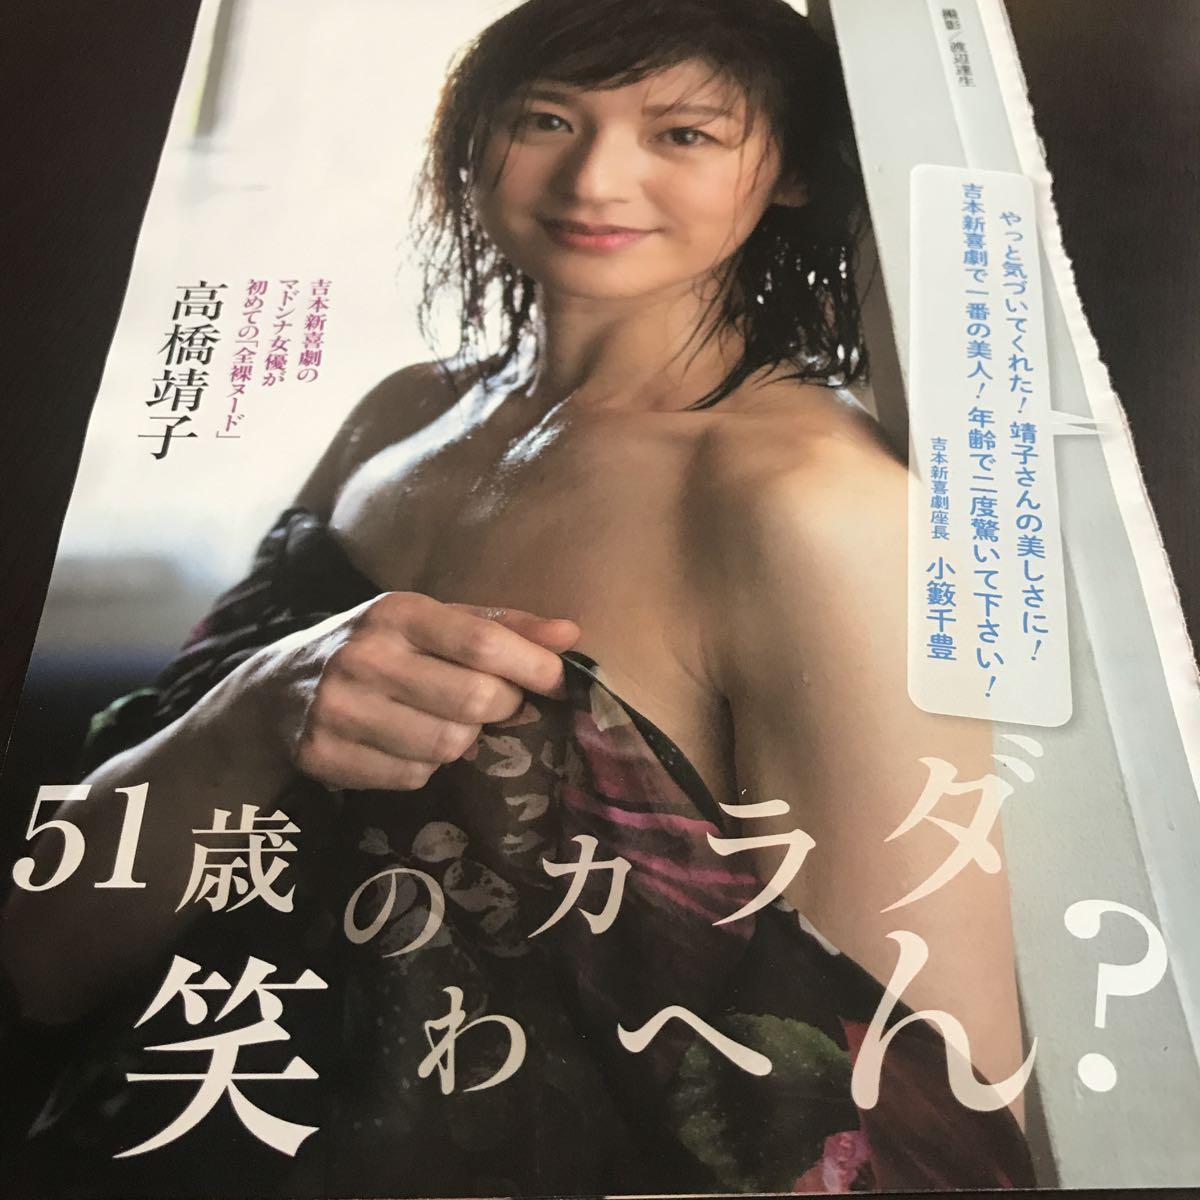 高橋靖子の画像 p1_27